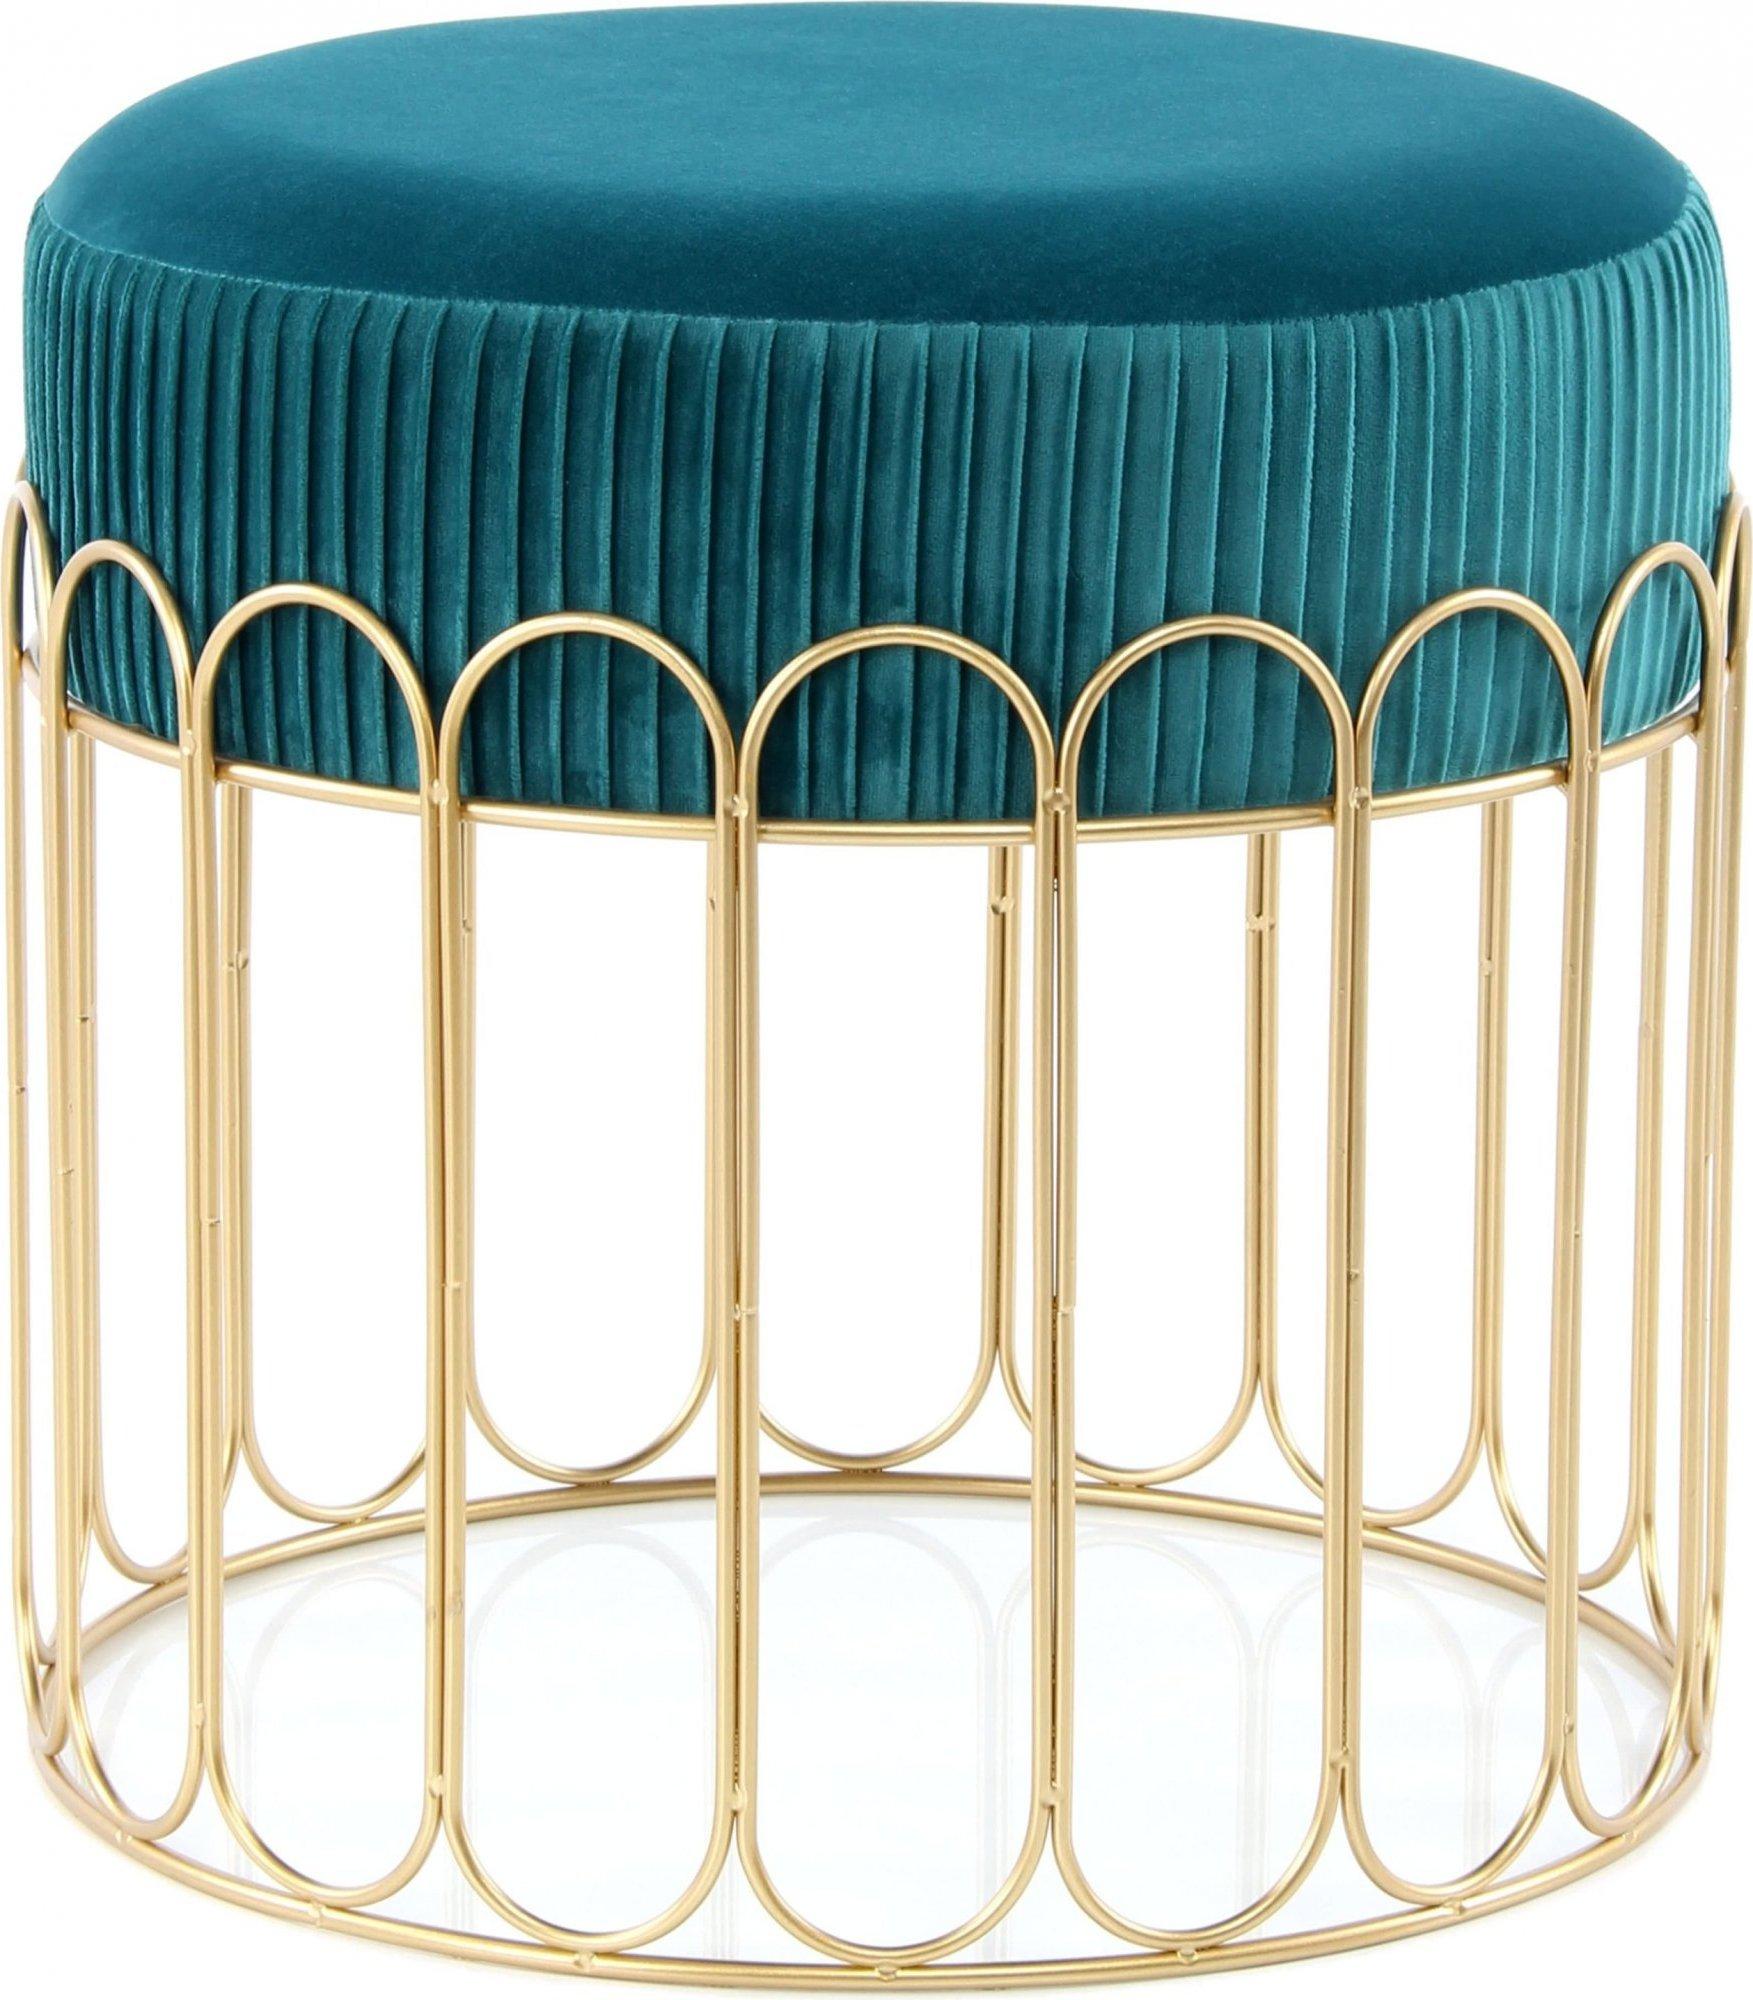 Tabouret assise rembourrée couleur bleu et doré h40cm